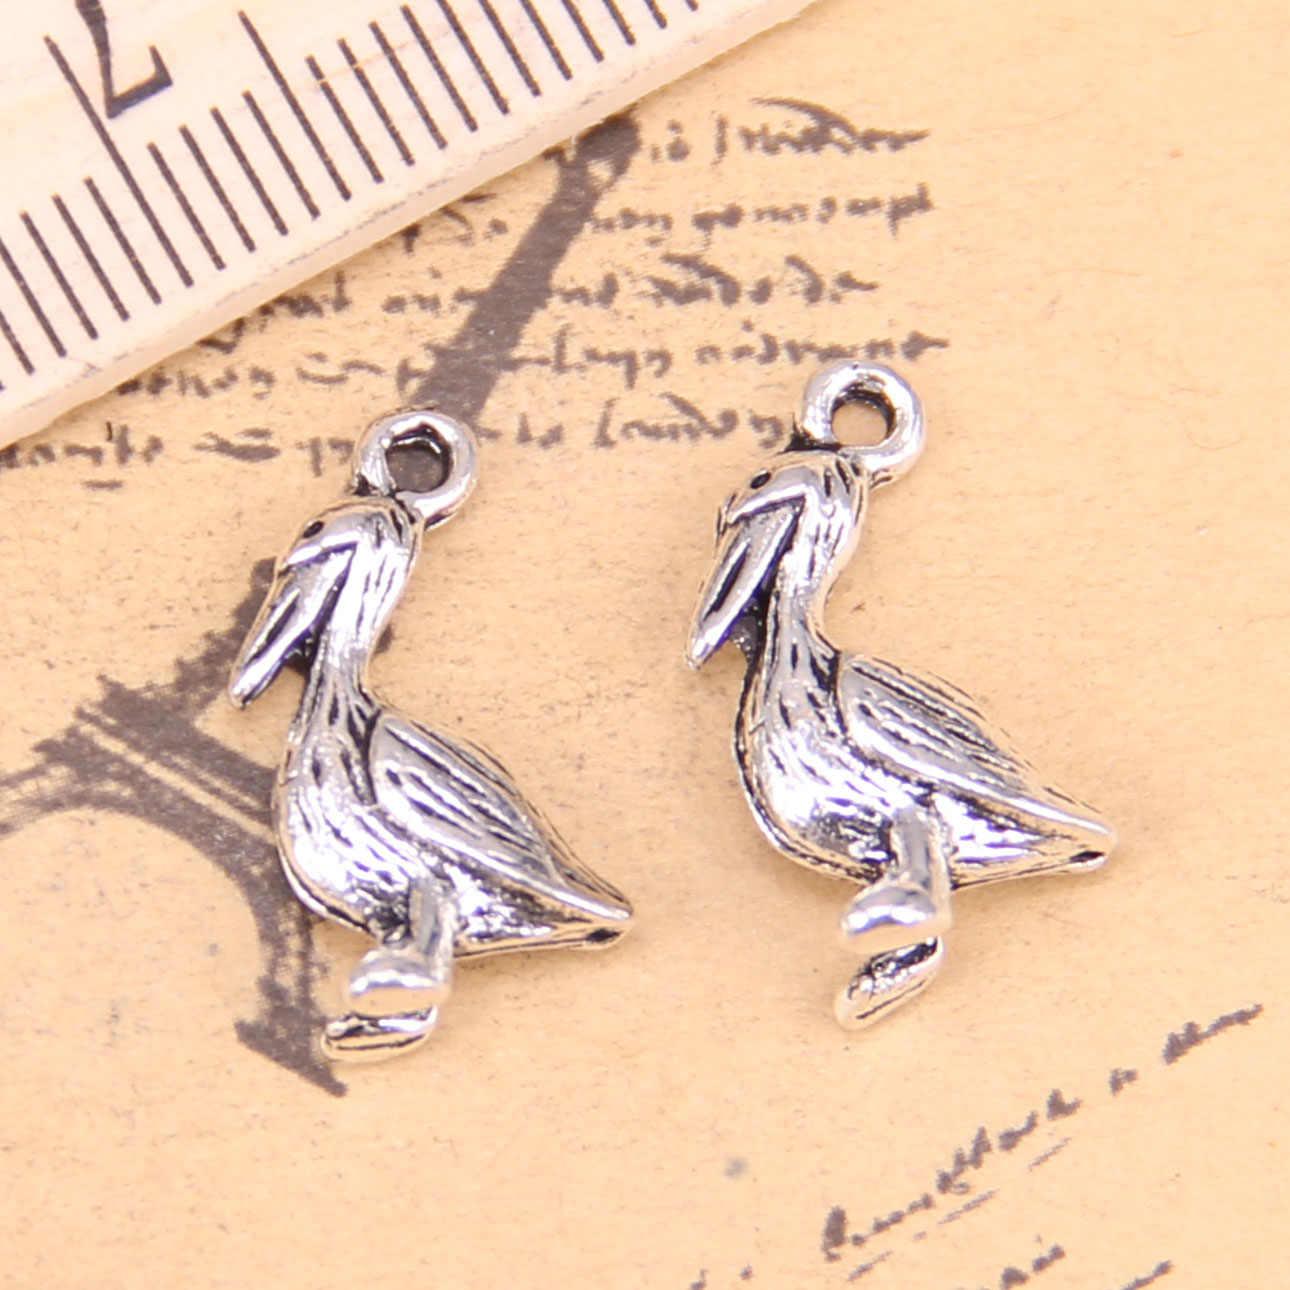 10pcs Sieraden Charms pelikaan sea bird 18x9mm Oud Zilver Hangers Maken DIY Handgemaakte Tibetaans Zilveren sieraden